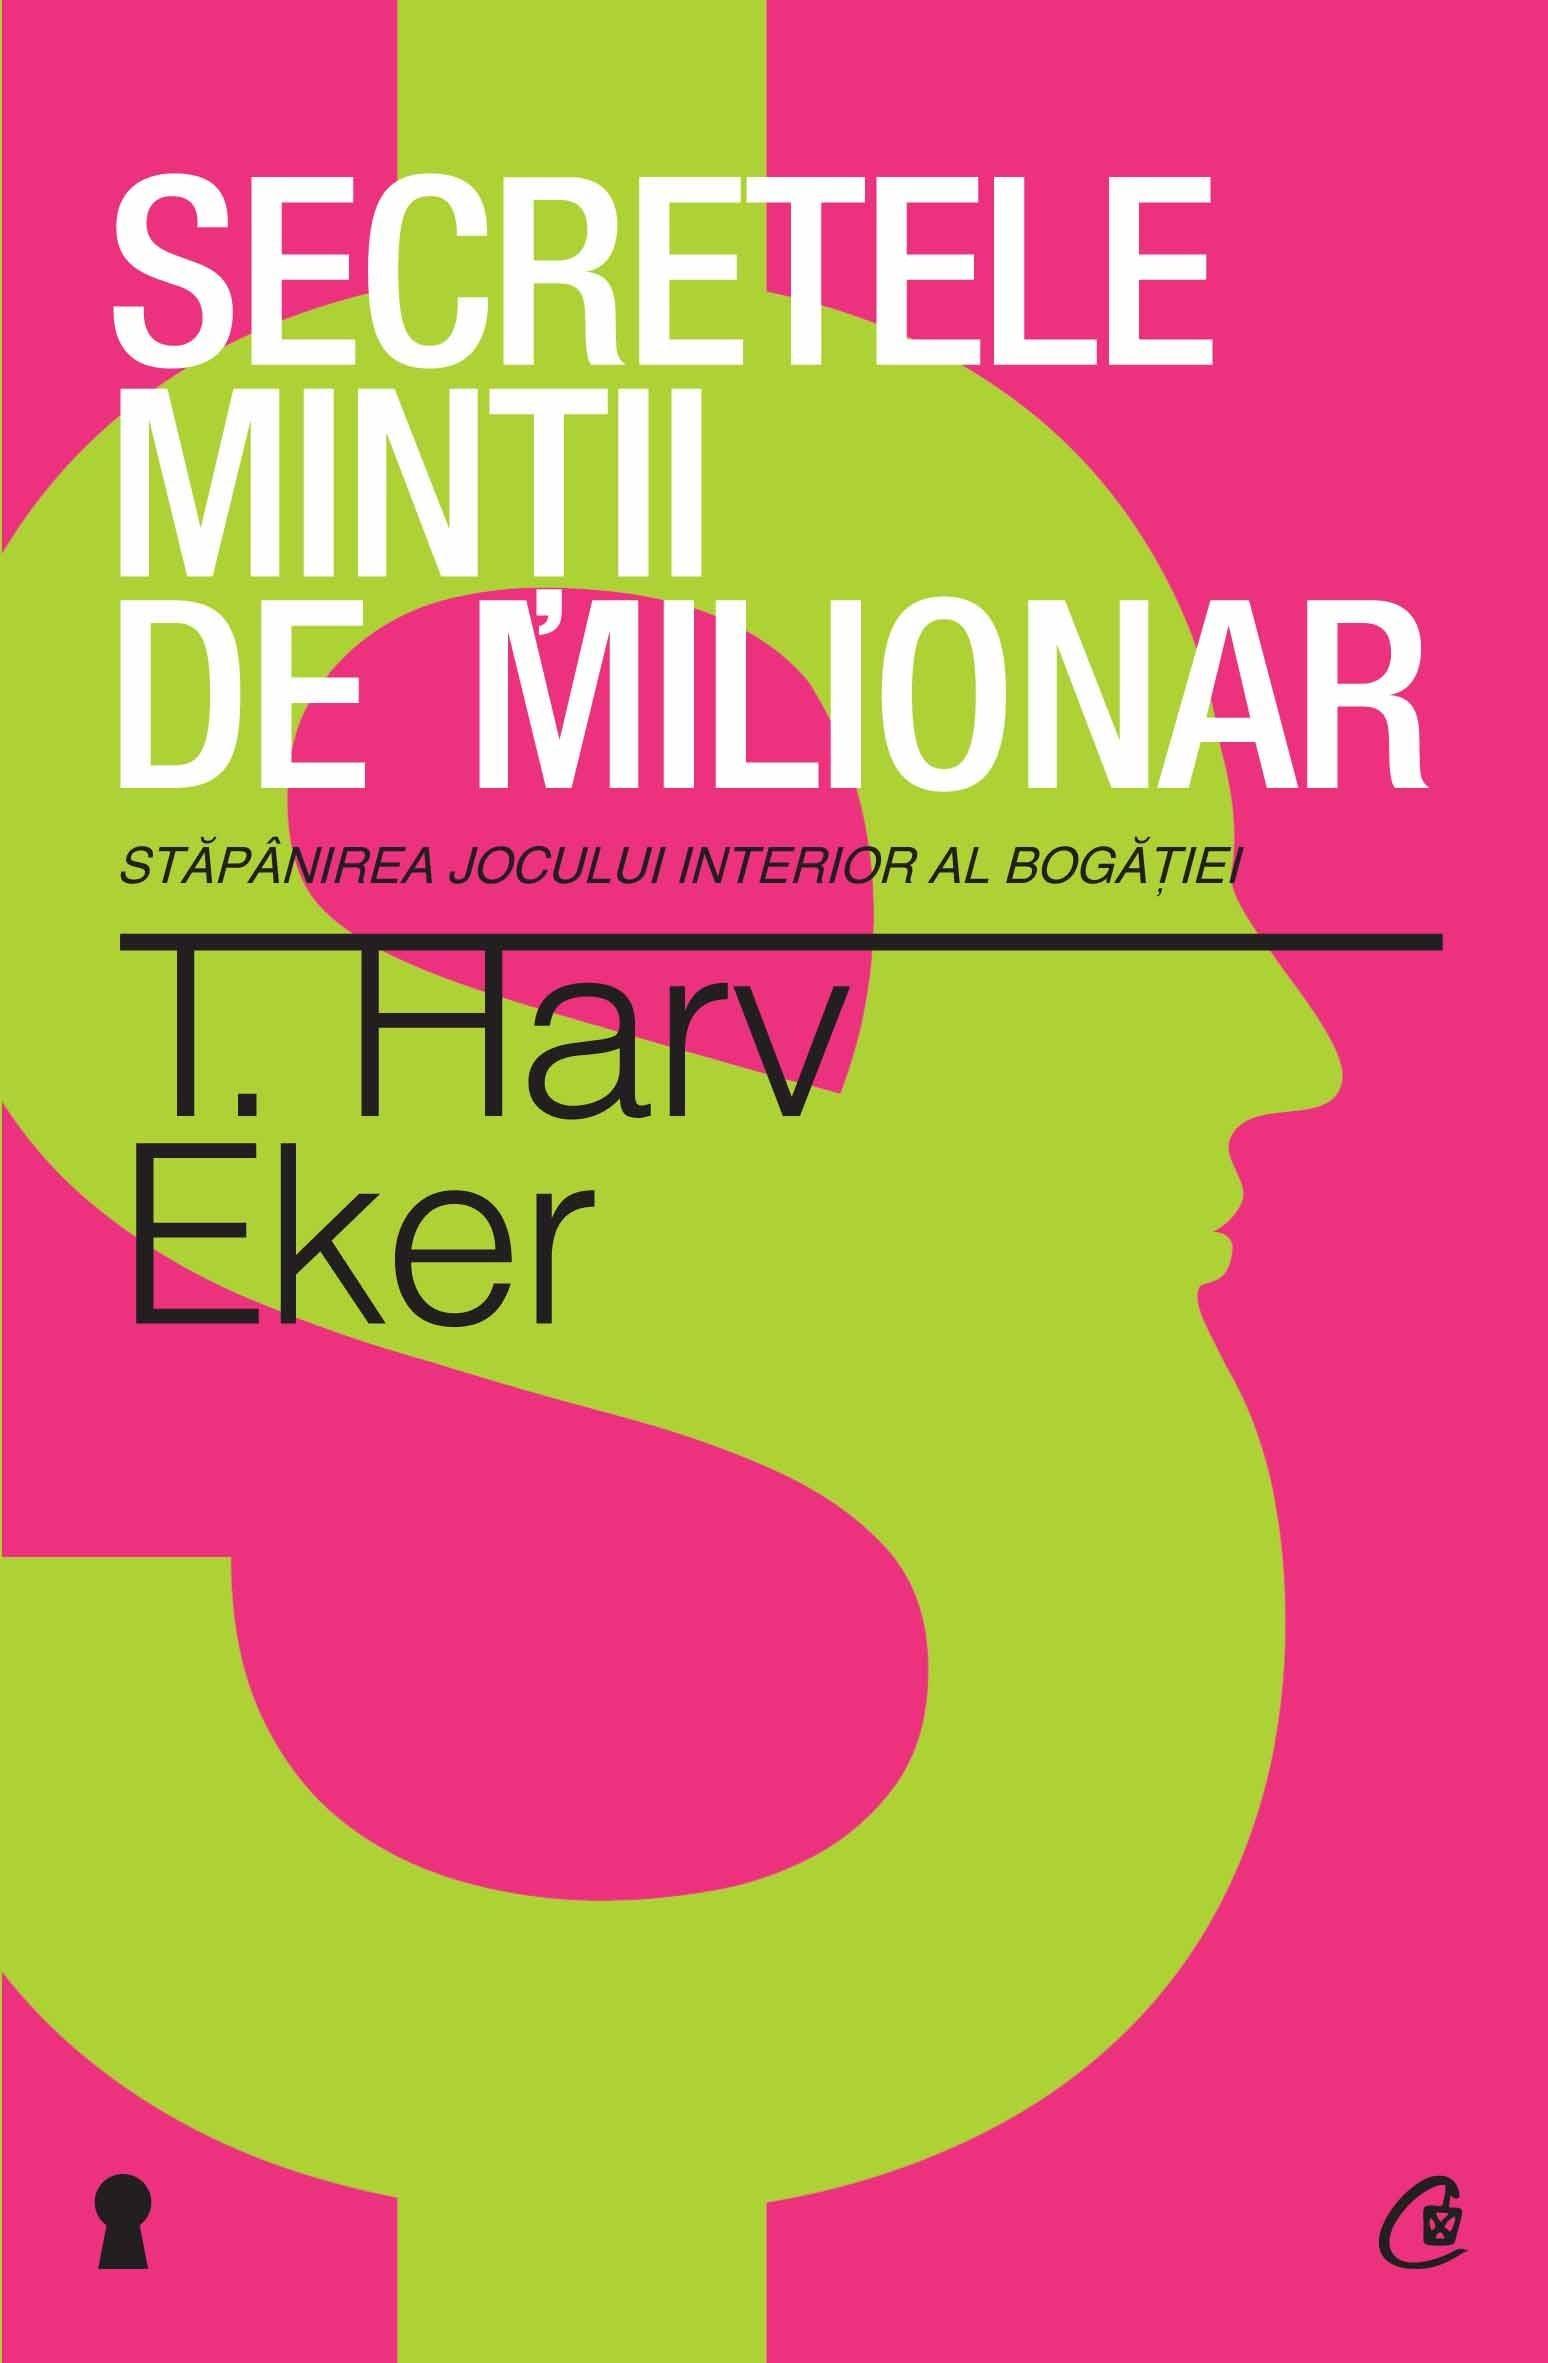 T. Harv Eker - Secretele mintii de milionar. Stapanirea jocului interior al bogatiei -